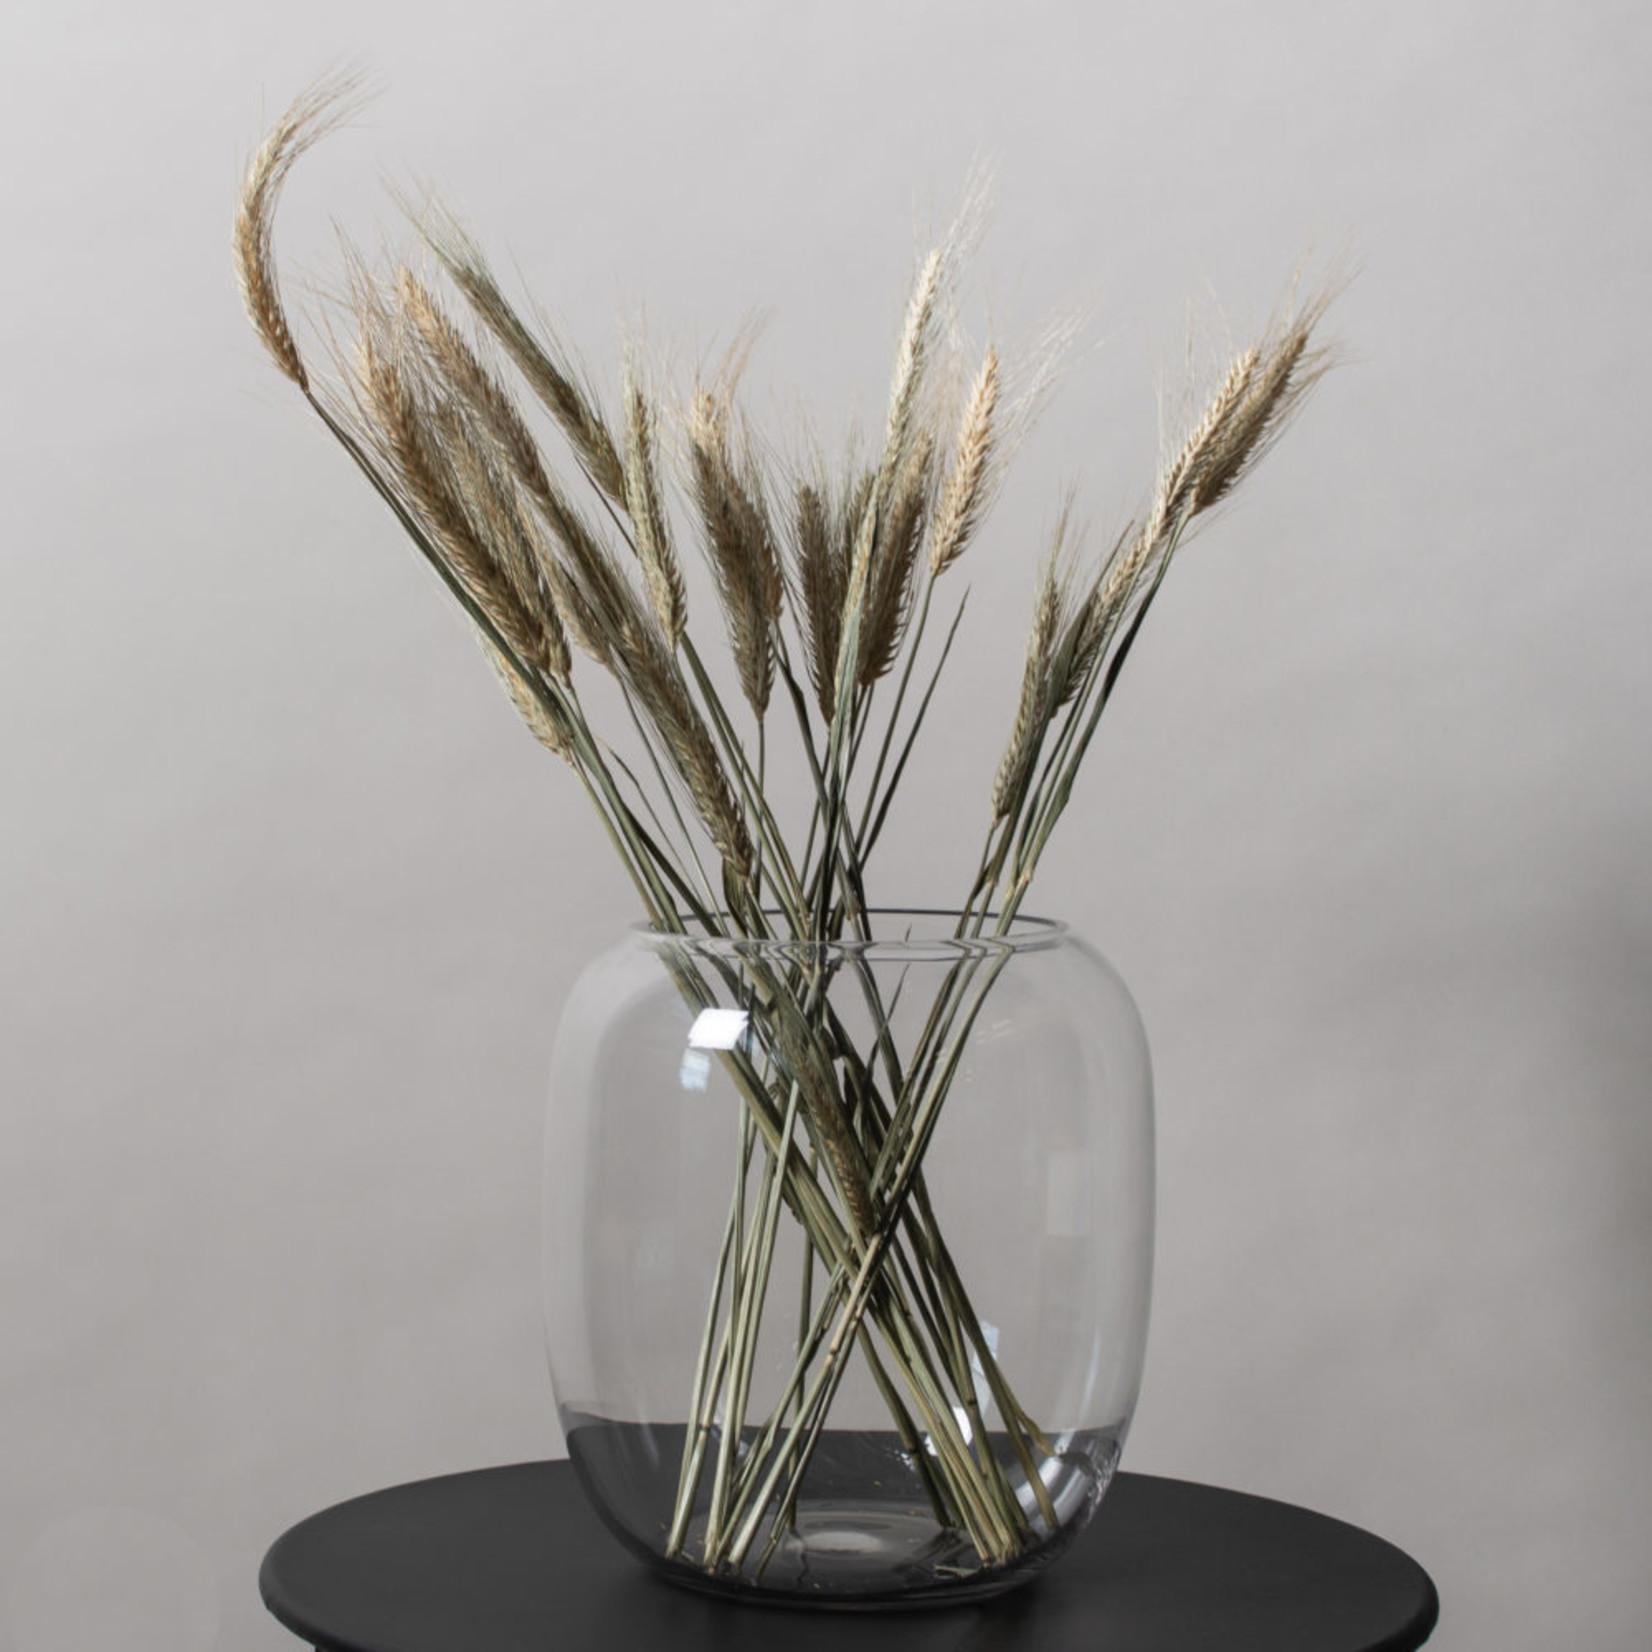 Storefactory  Vase Forshem